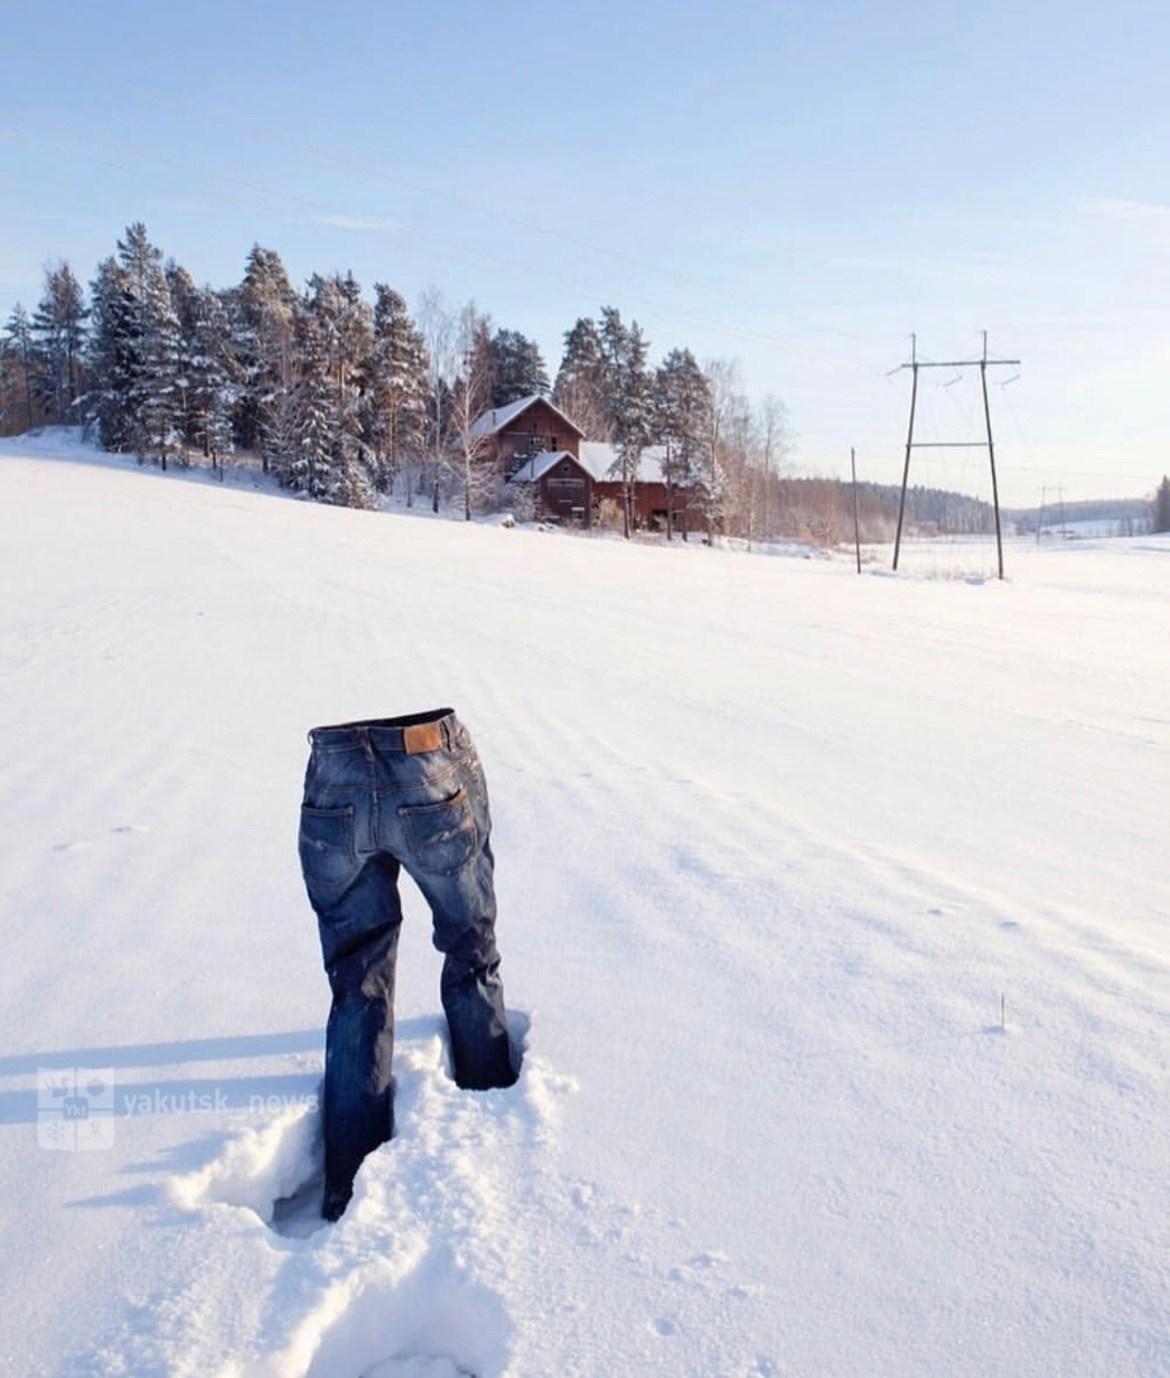 Всё еще #дубакчеллендж? Сибиряки уже подсмотрели новый морозный челлендж у американцев